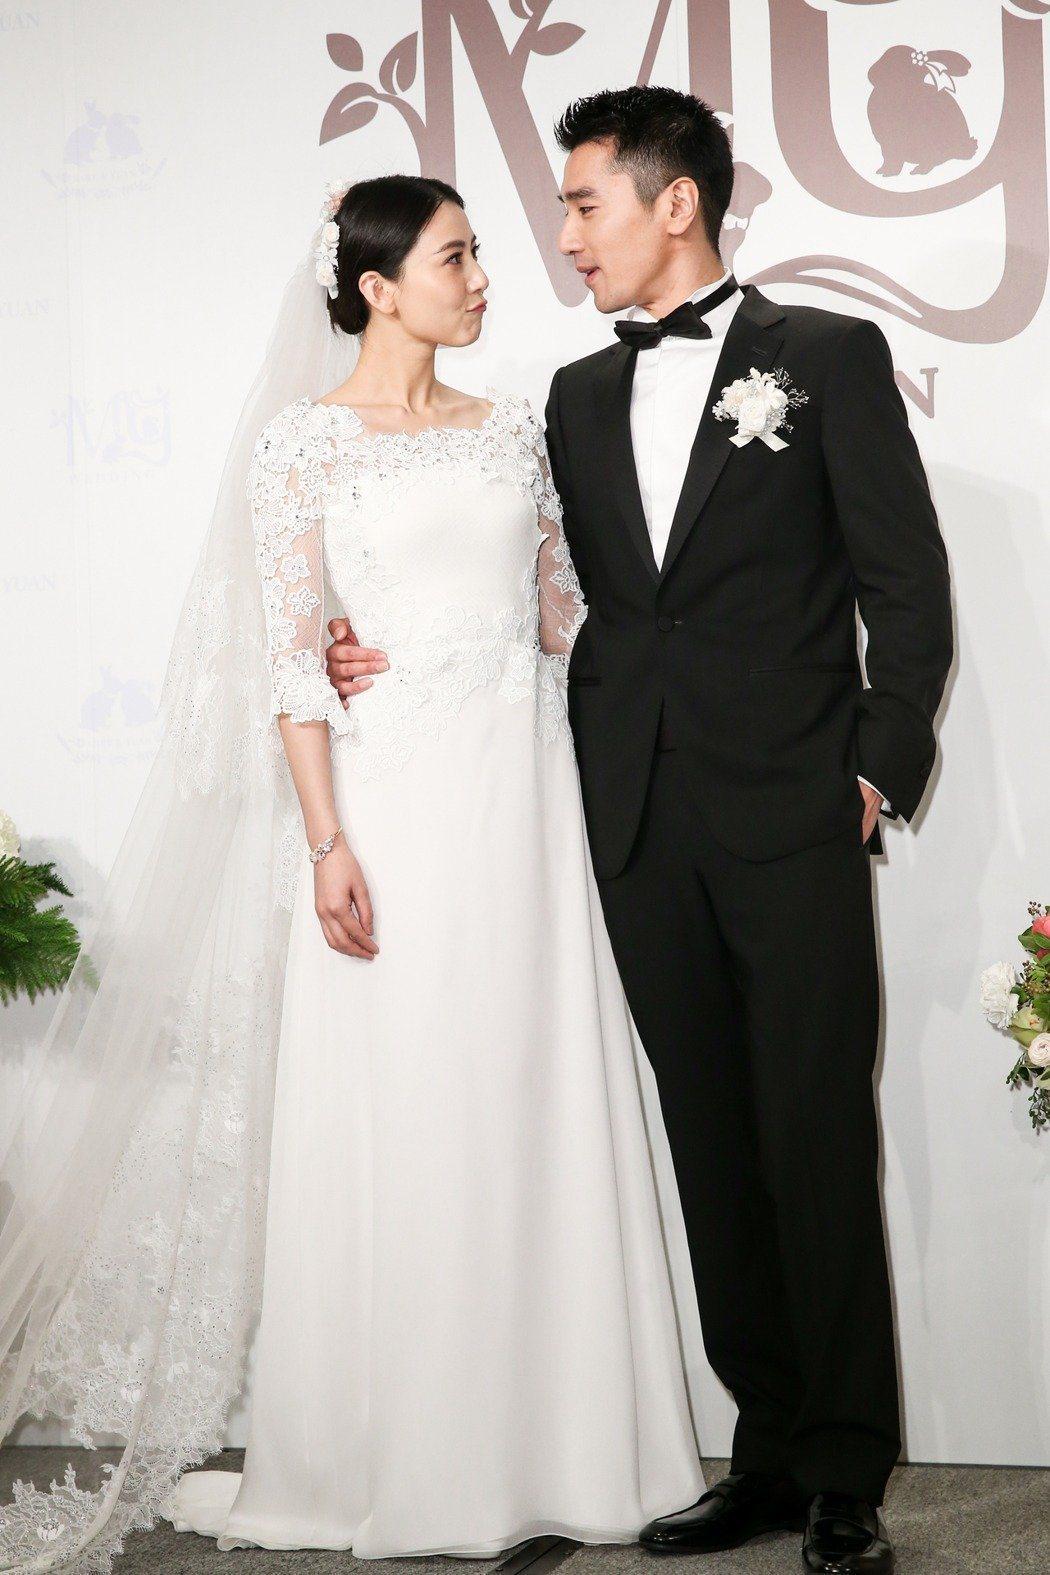 趙又廷(右)與高圓圓(左)婚後幸福。圖/報系資料照片